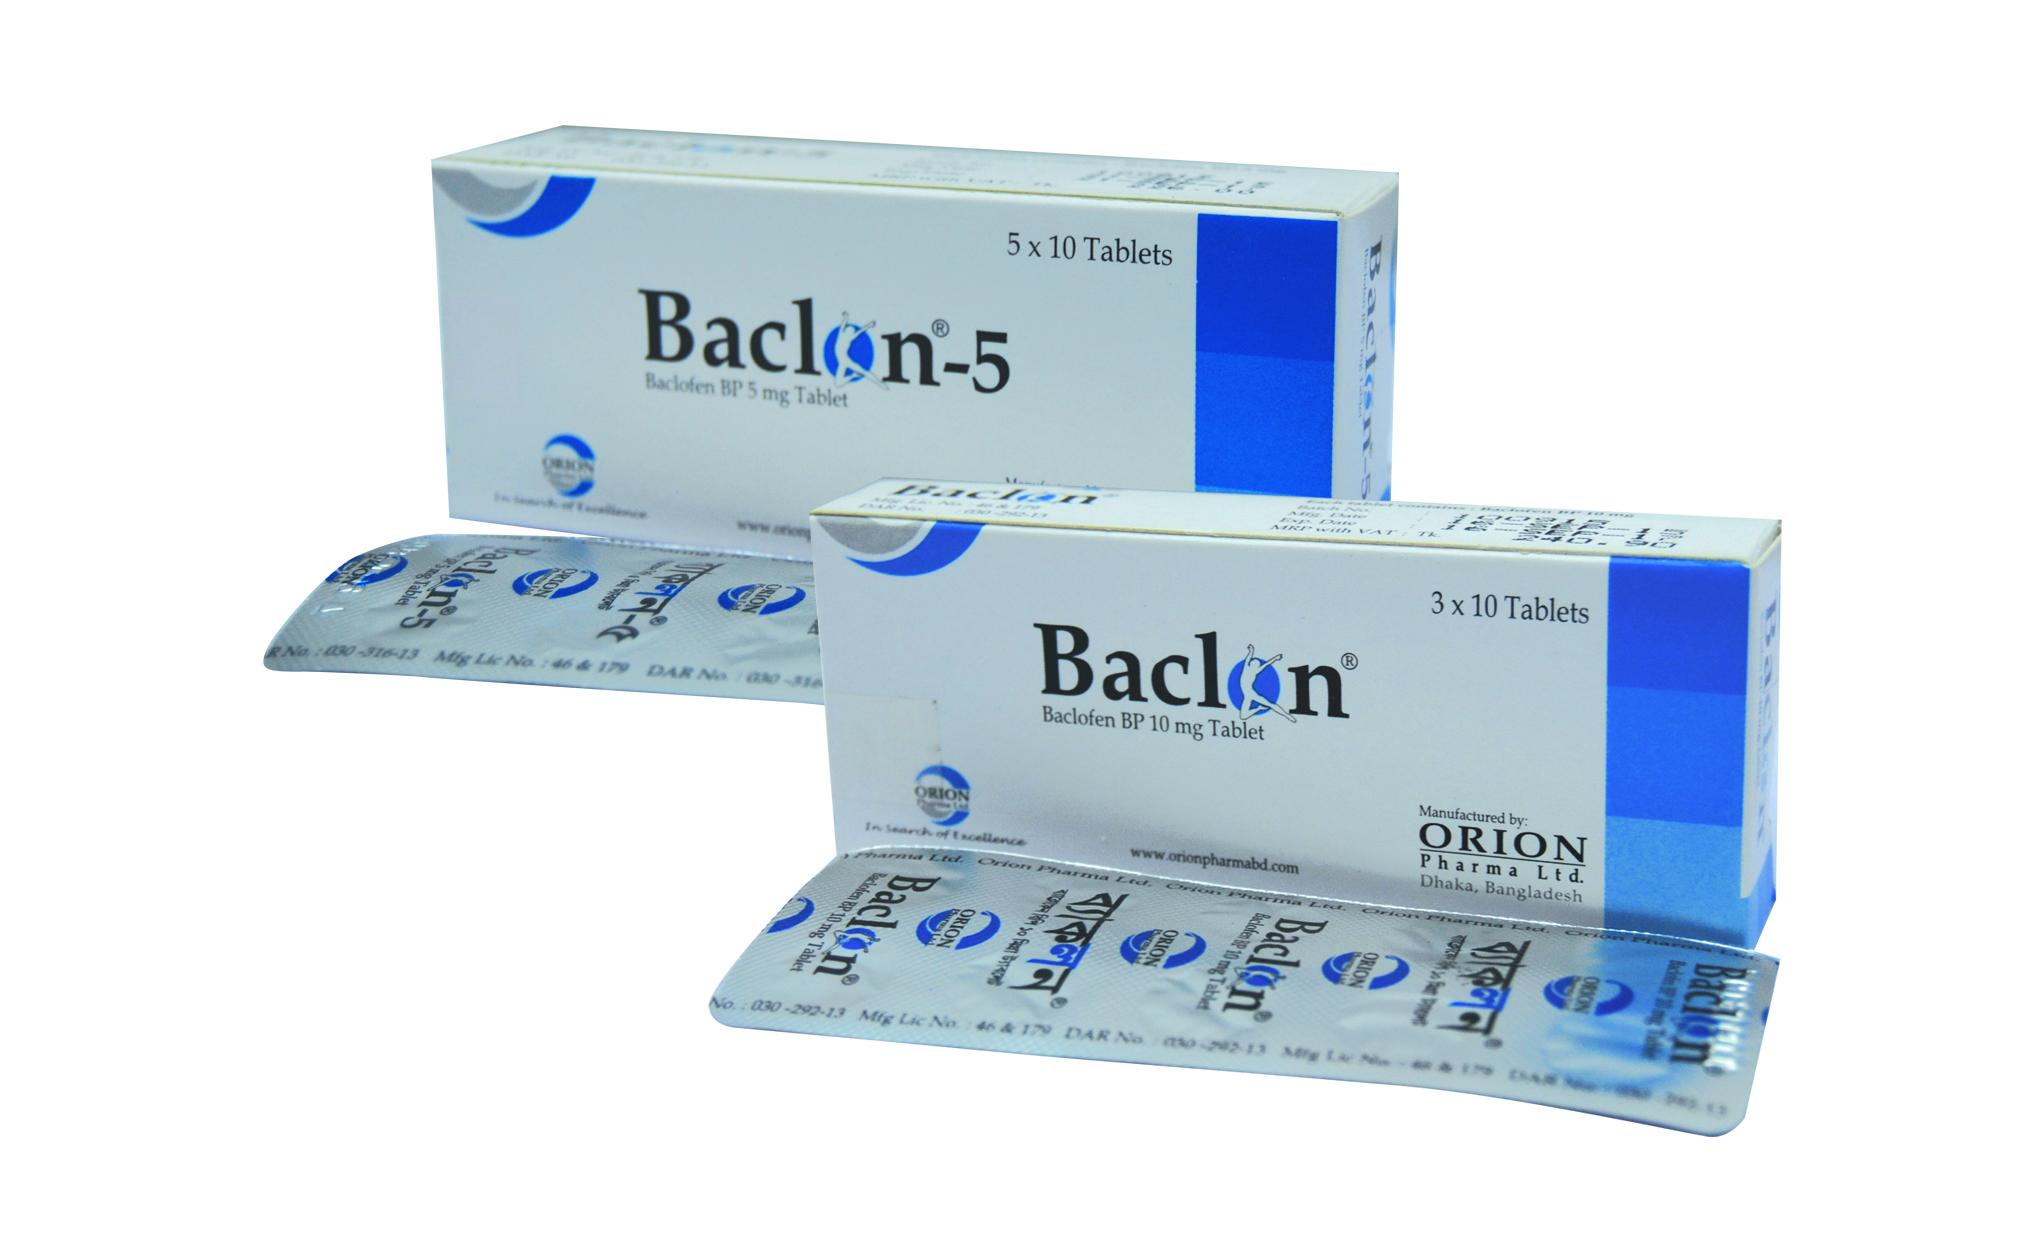 Baclon